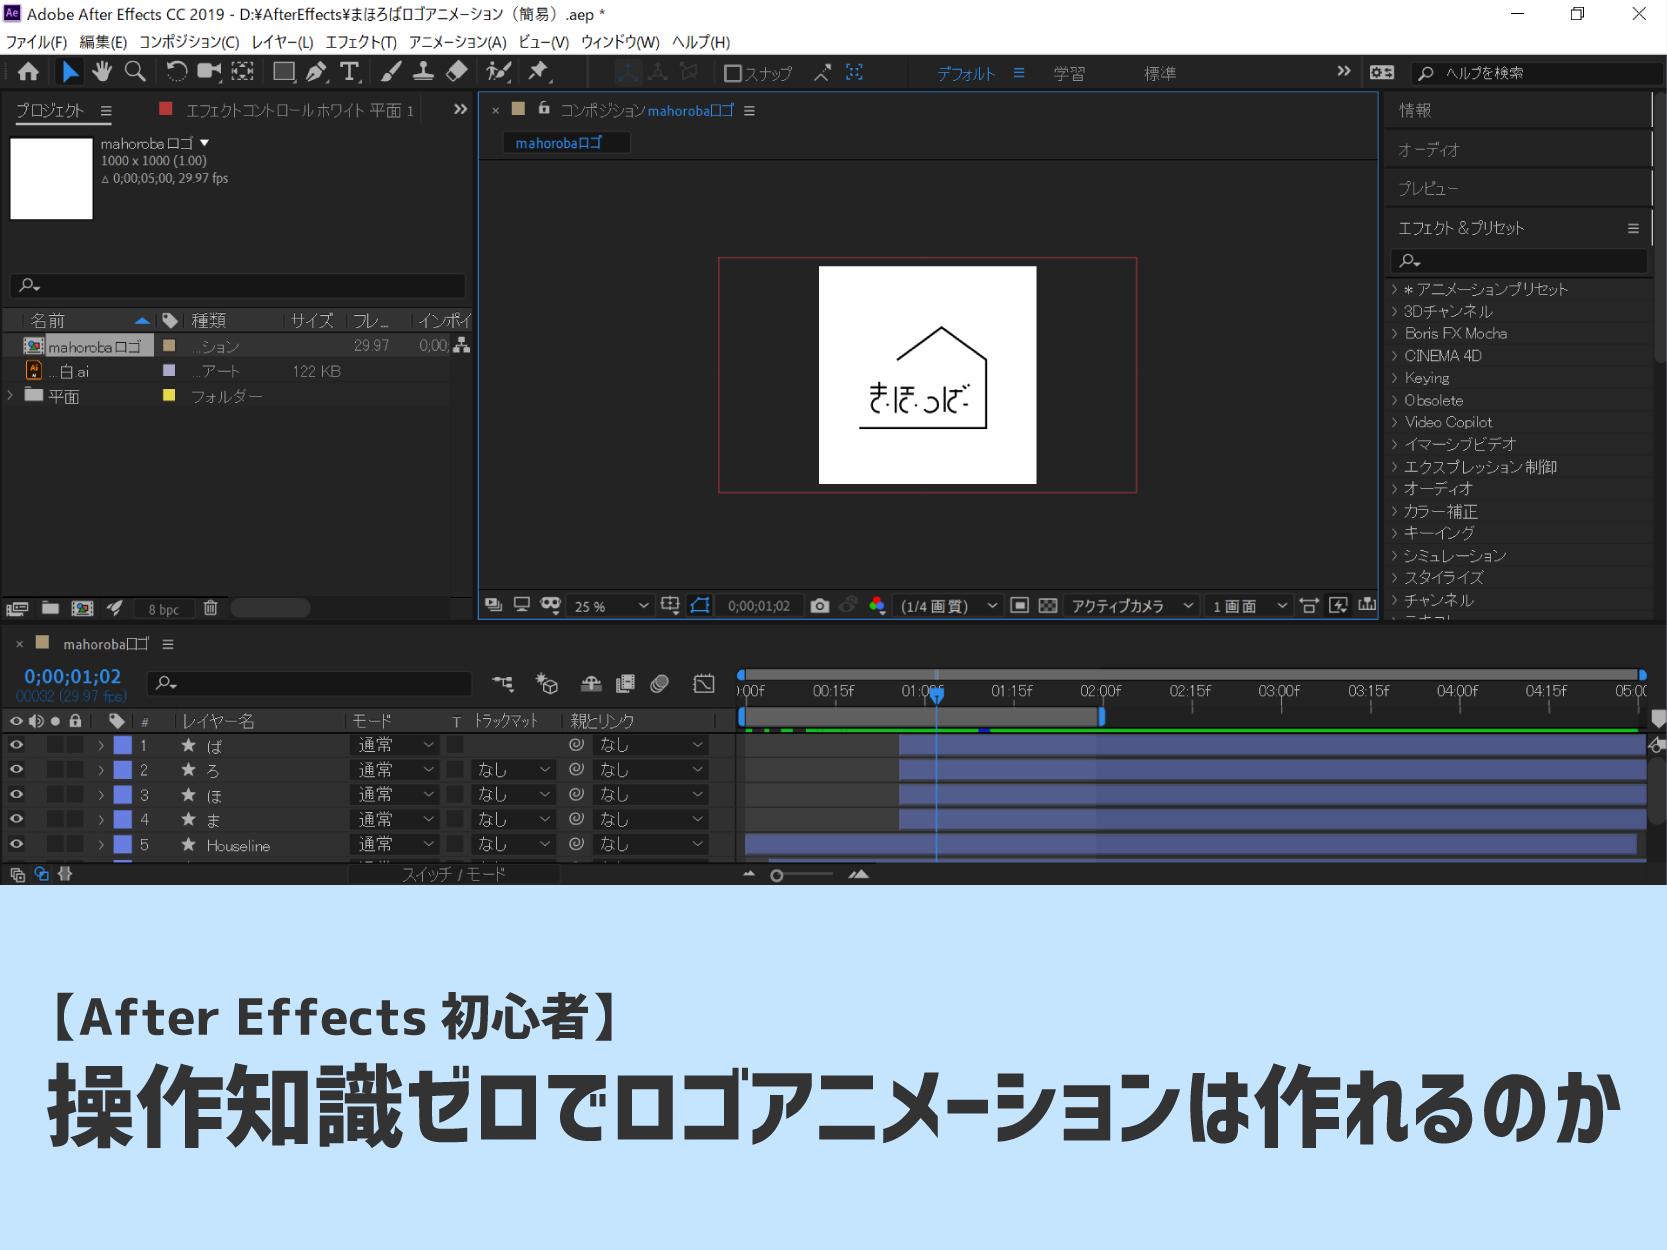 【After Effects初心者】操作知識ゼロでロゴアニメーションは作れるのか